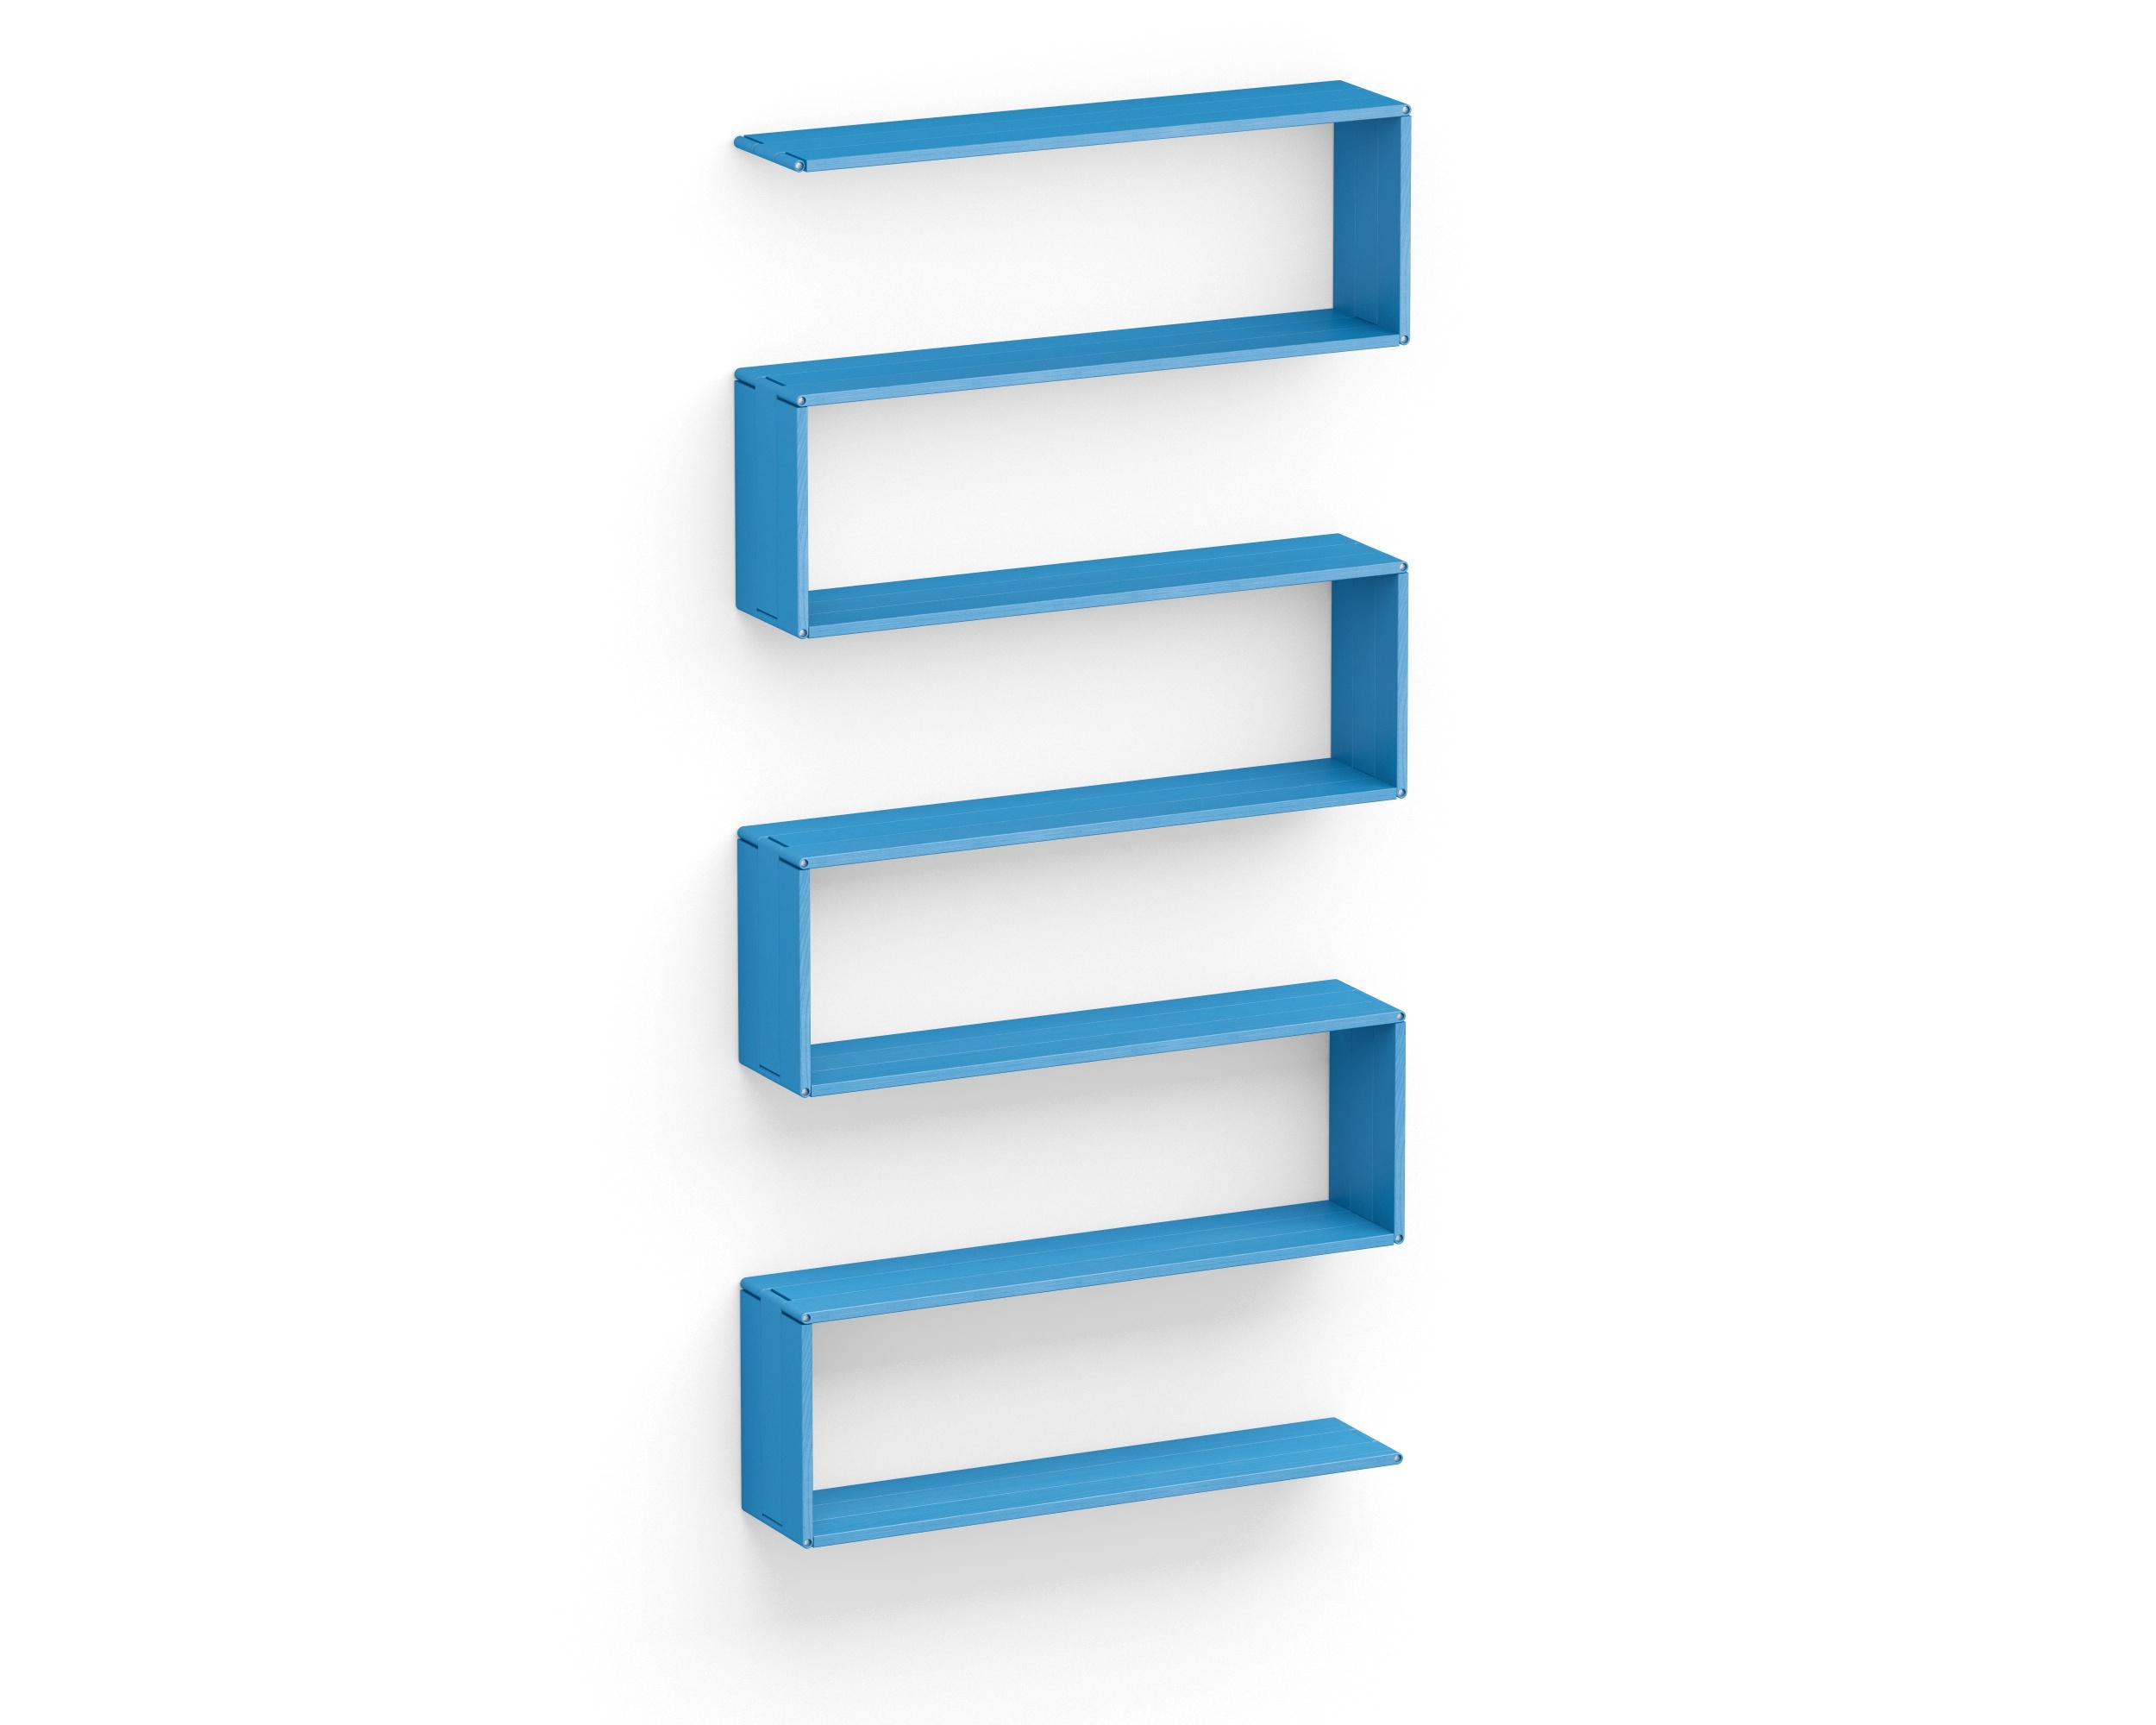 Полка-конструктор Flex Shelf 98Полки<br>цвет: натуральный ясень, красный, оранжевый, зеленый, голубой, сиреневый, белый, черный<br><br>Material: Ясень<br>Ширина см: 102<br>Высота см: 22<br>Глубина см: 212